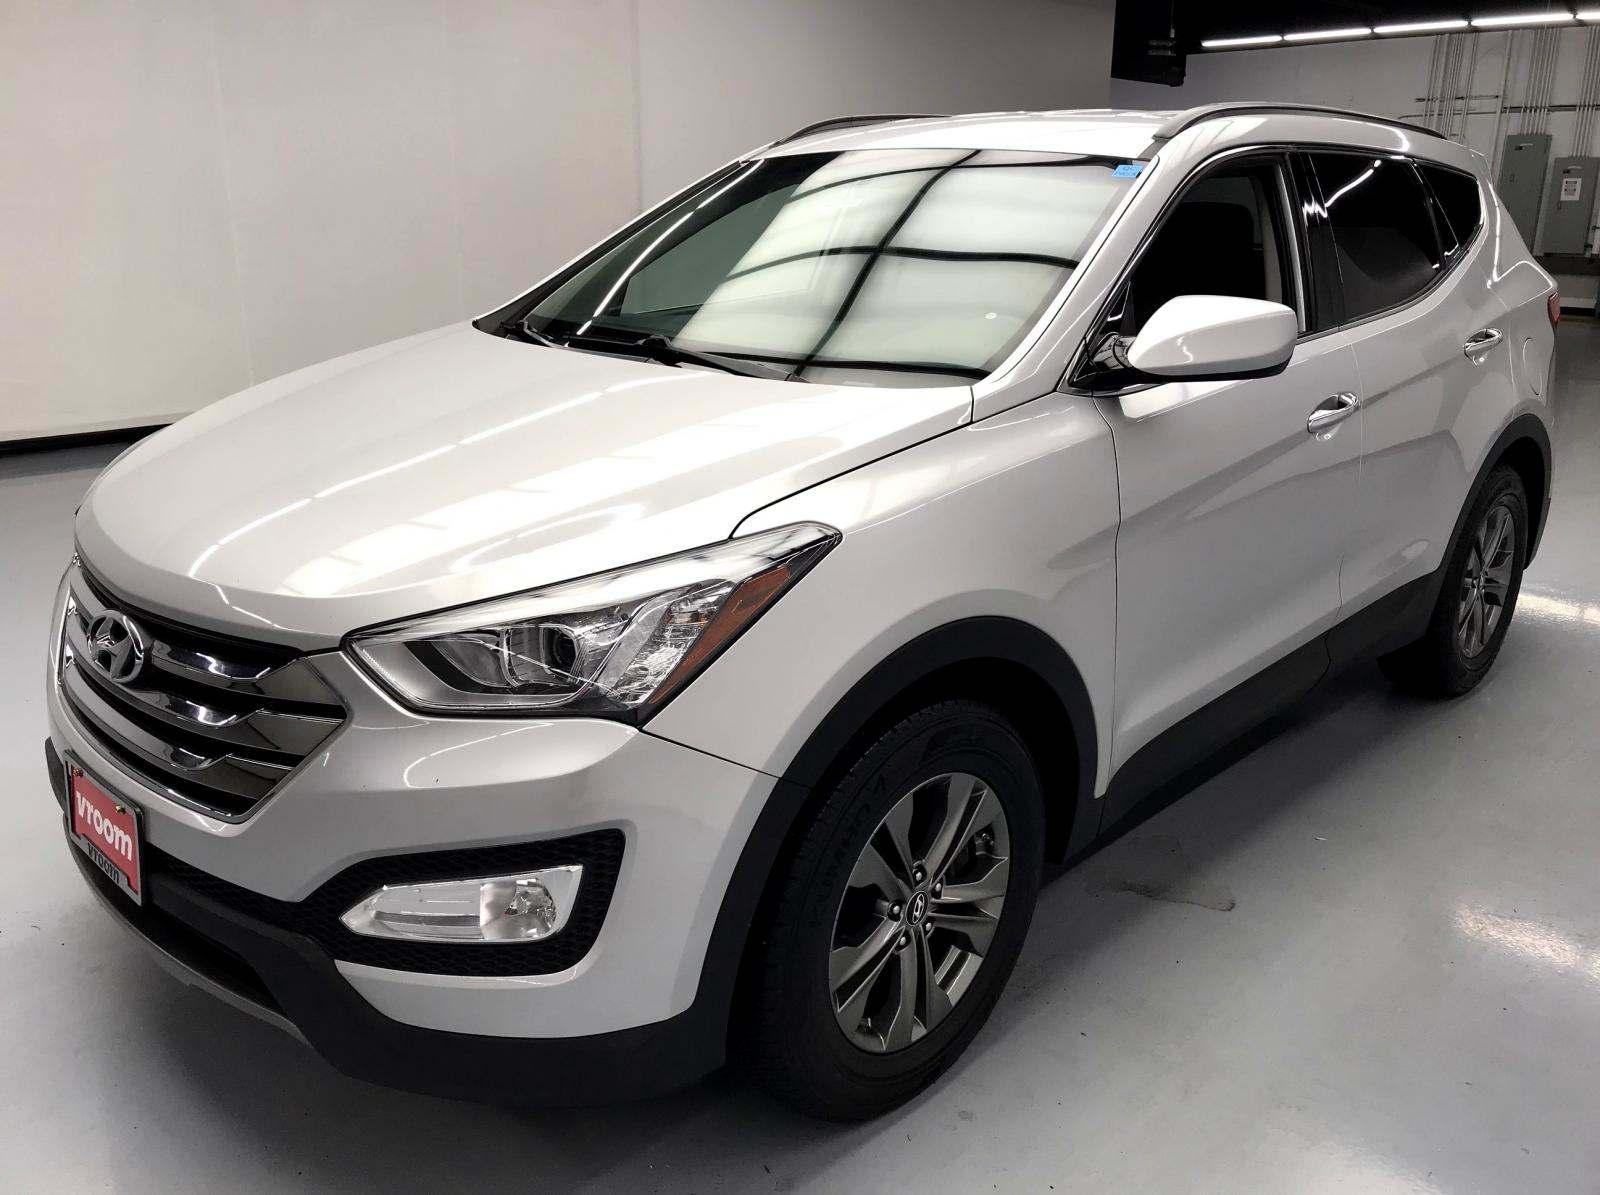 2014 Santa Fe Sport >> Used 2014 Hyundai Santa Fe Sport For Sale 13 940 Vroom